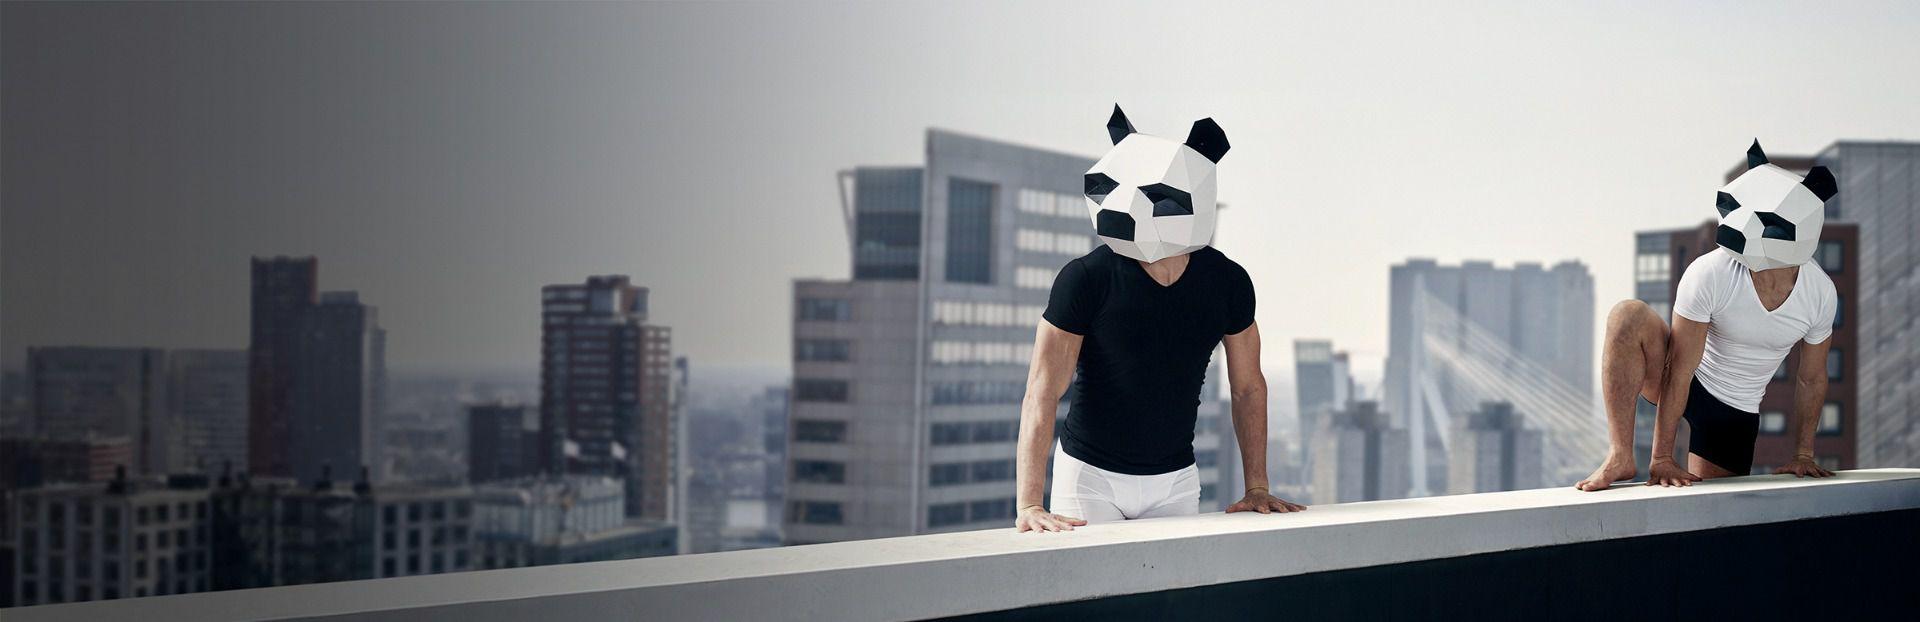 Bamigo bamboo men's underwear